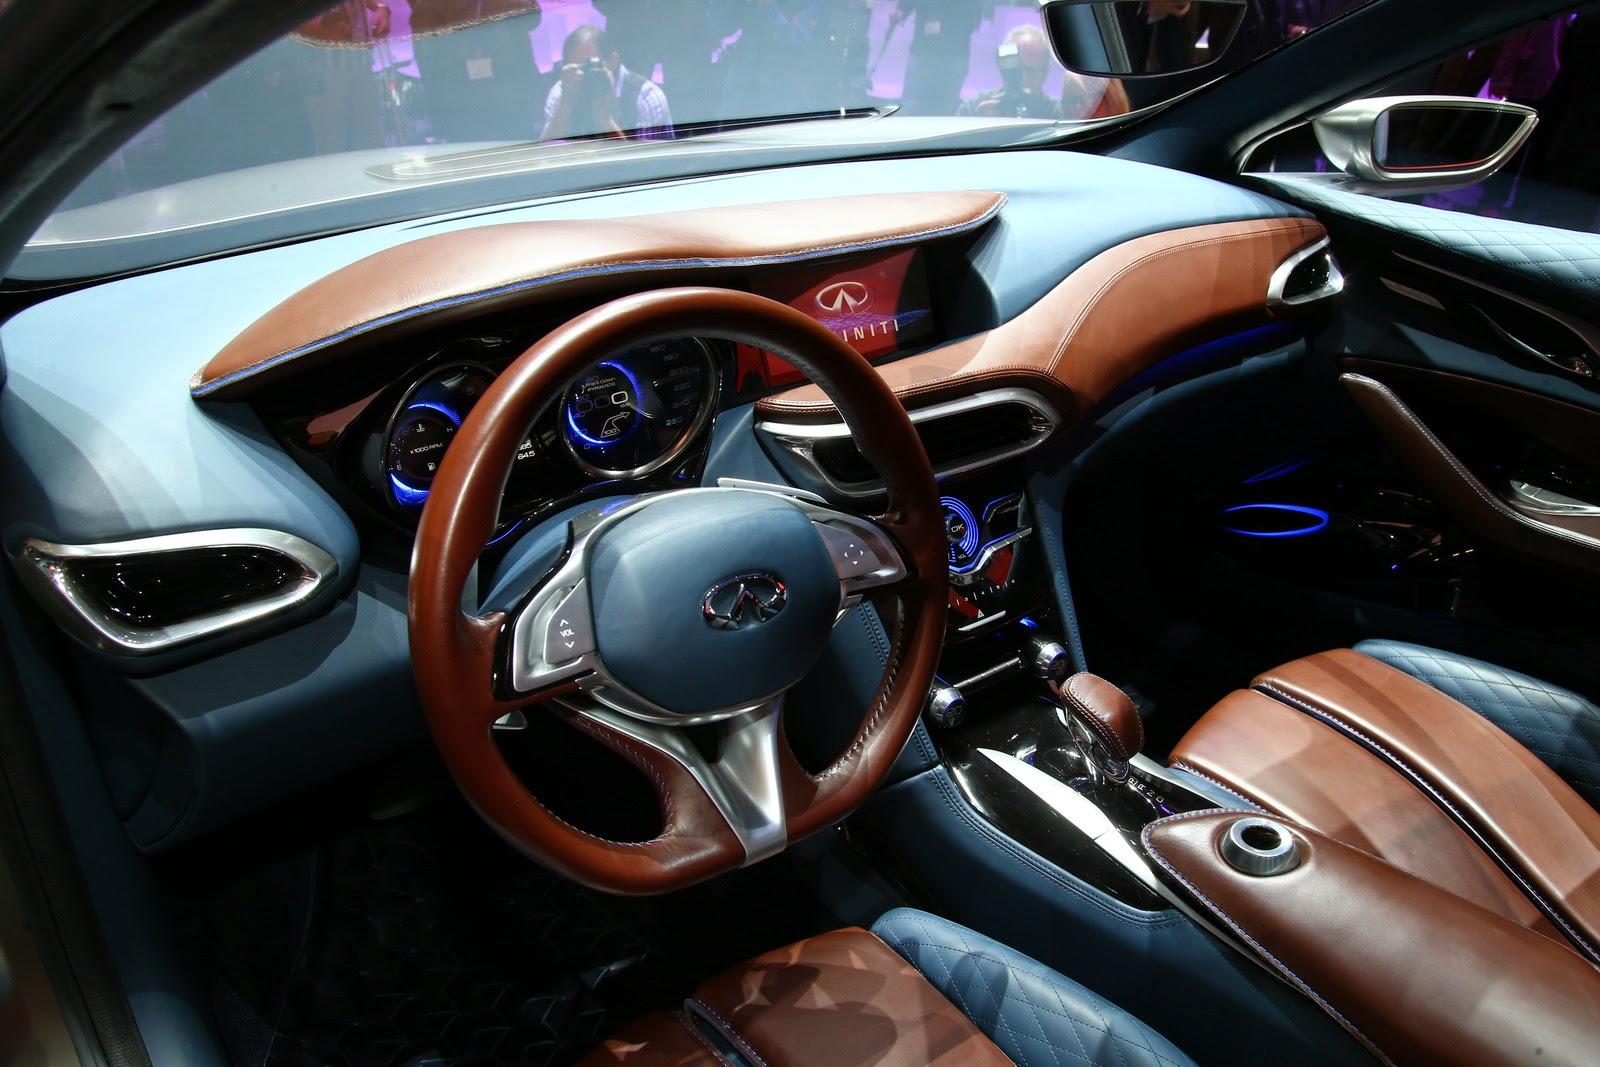 модельный ряд автомобилей Infiniti и цены в России